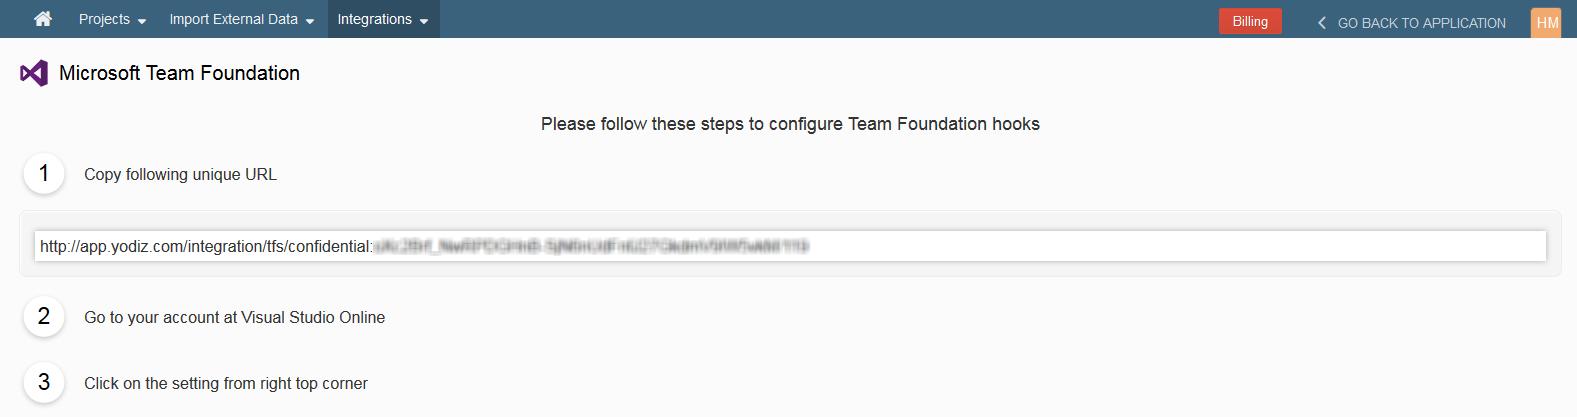 setup_team_foundation_account